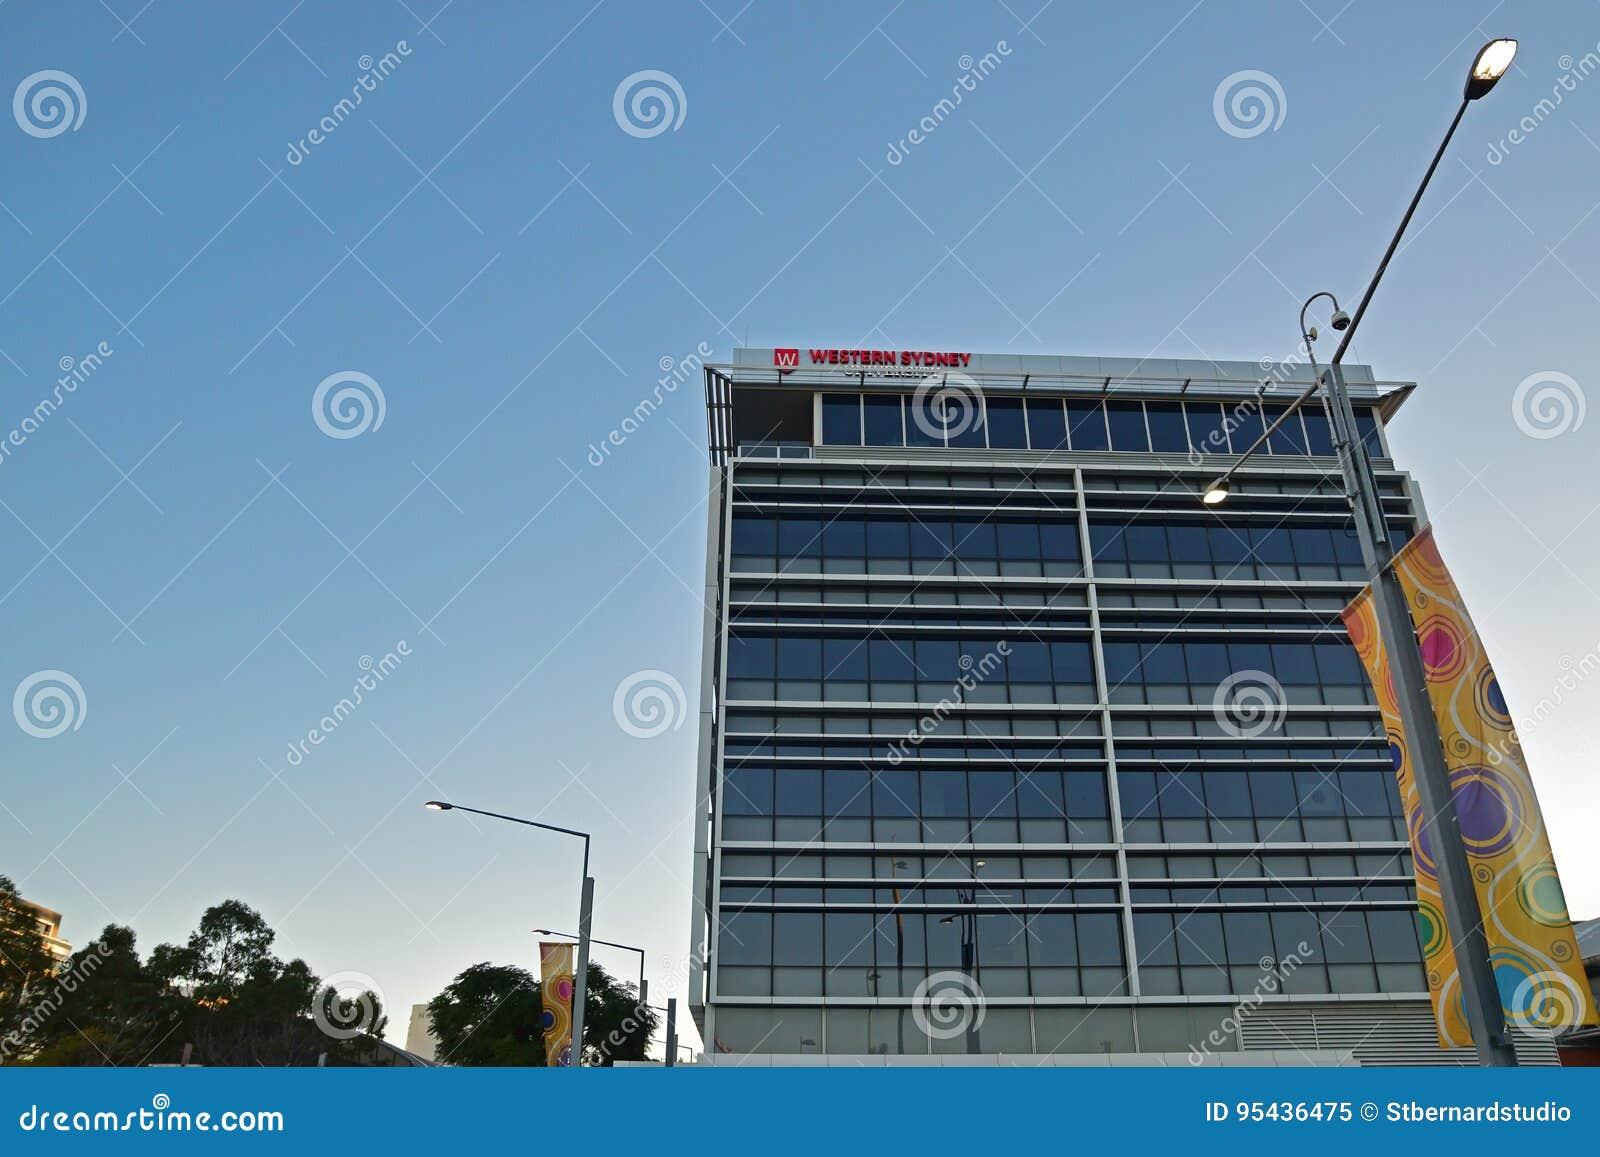 Costruzione occidentale della città universitaria di Sydney University a Sydney Olympic Park